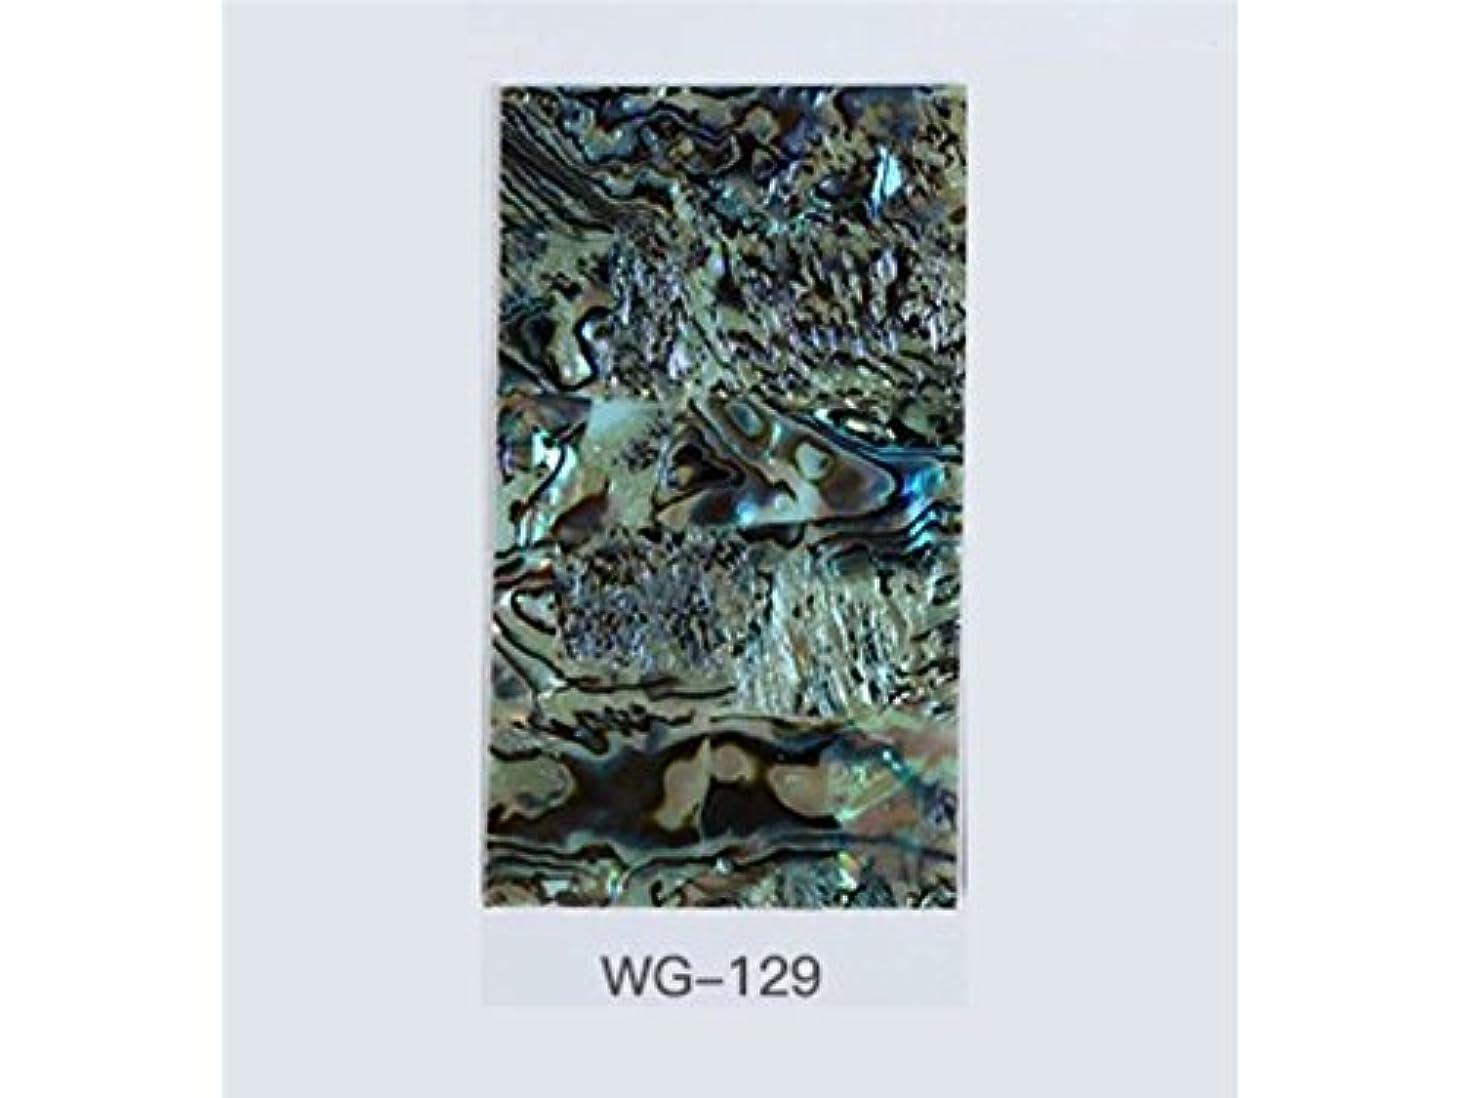 歯科の接辞サイクロプスOsize クリアウォータートランスファーネイルステッカーネイルアートクラフトネイルアートデコレーション(図示)